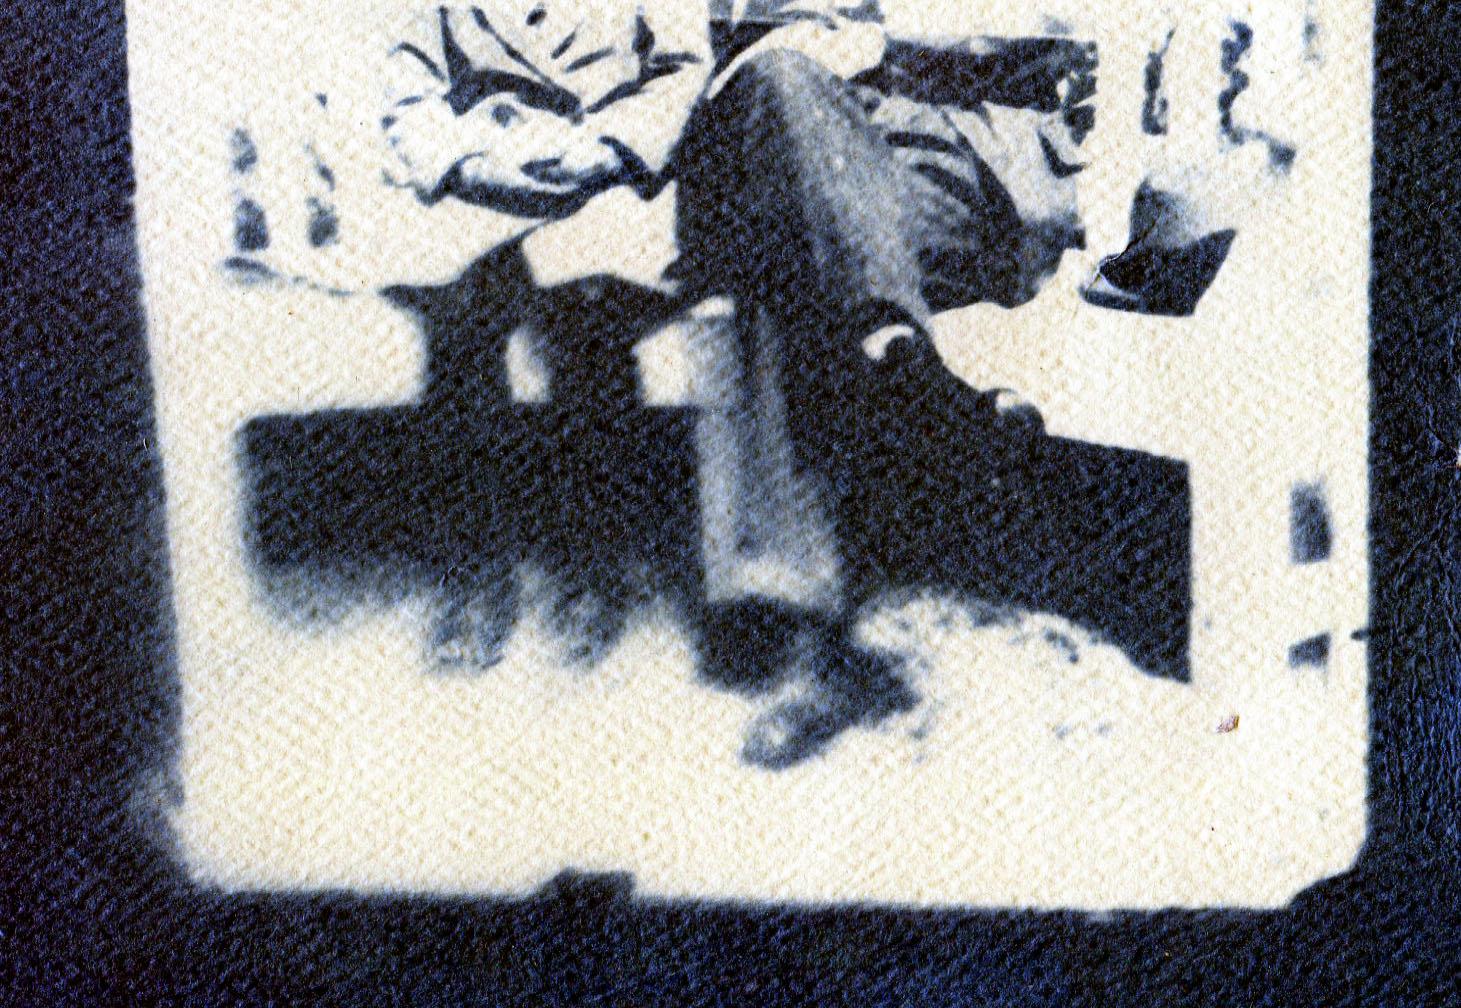 Jennifer Michie cyanotype print